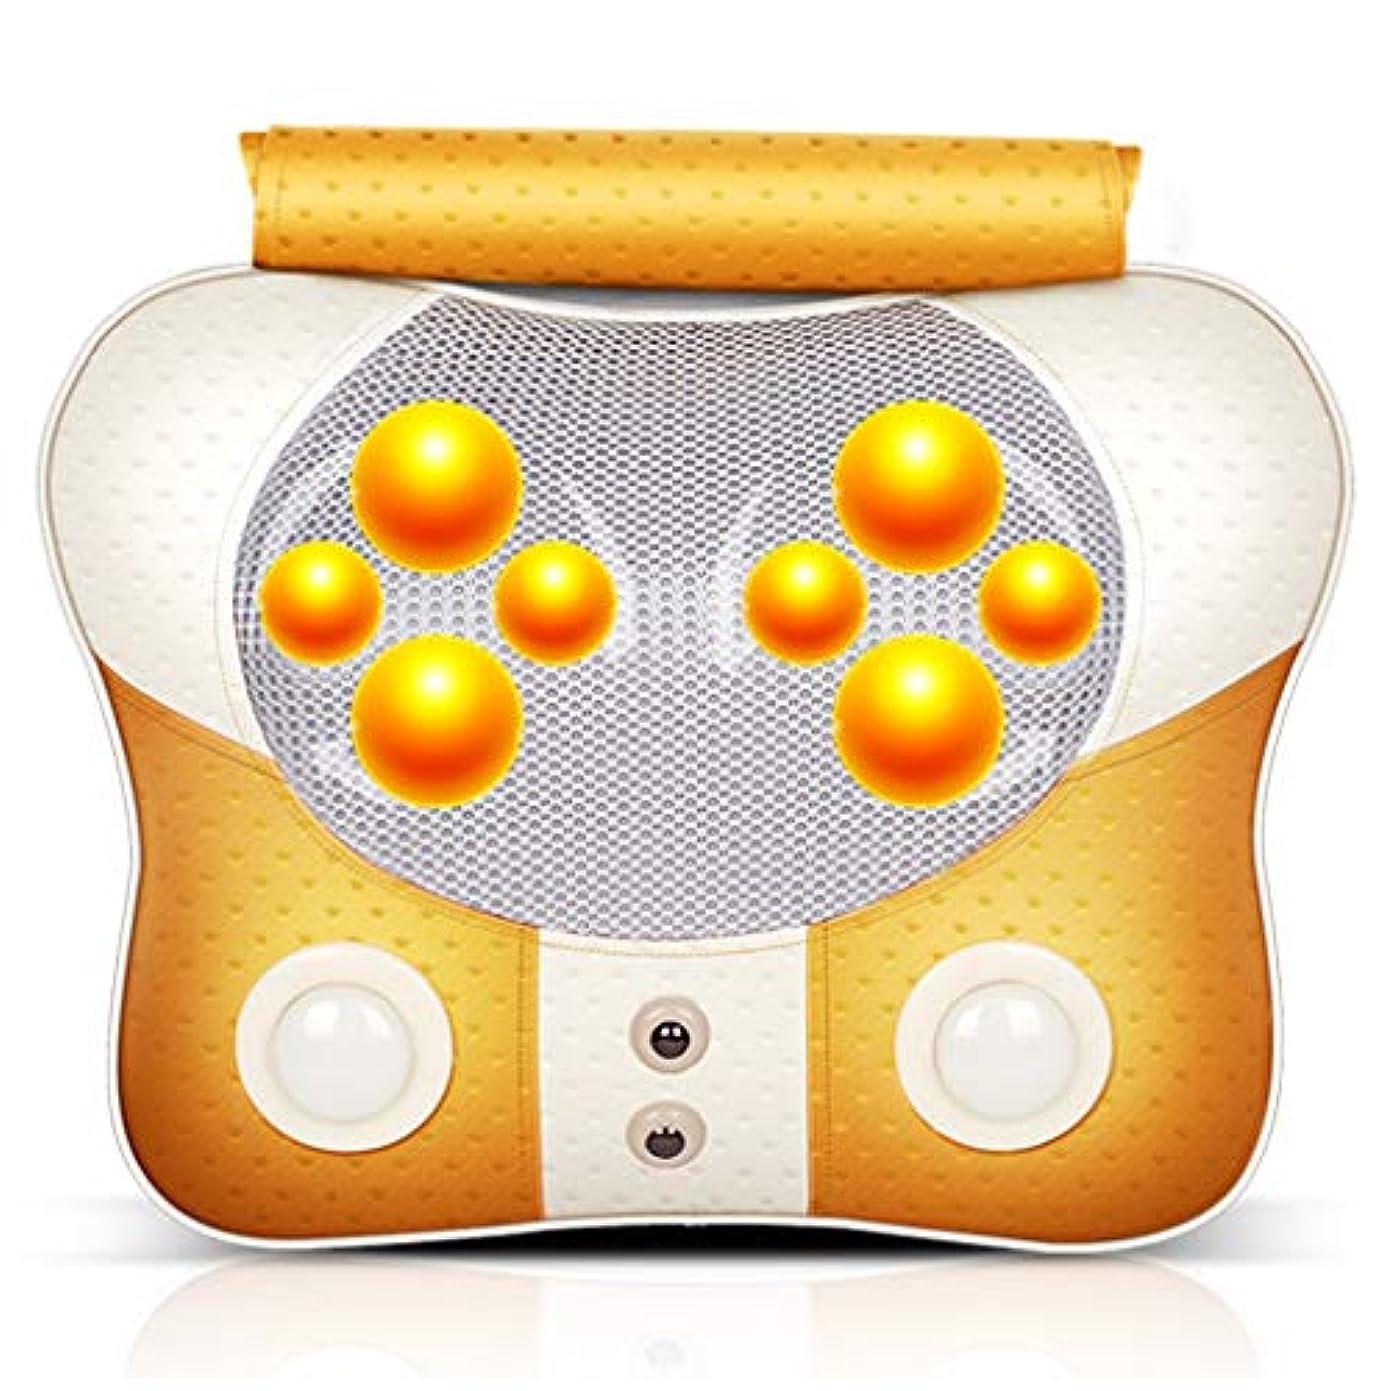 デイジー逆パネルマッサージ電気の 加熱された 多目的 ネック 指圧 マッサージ 杭打ち ウエスト マッサージャー 子宮頸椎 マッサージピロー 全身 マッサージ クッション。 MAG.AL,イエロー